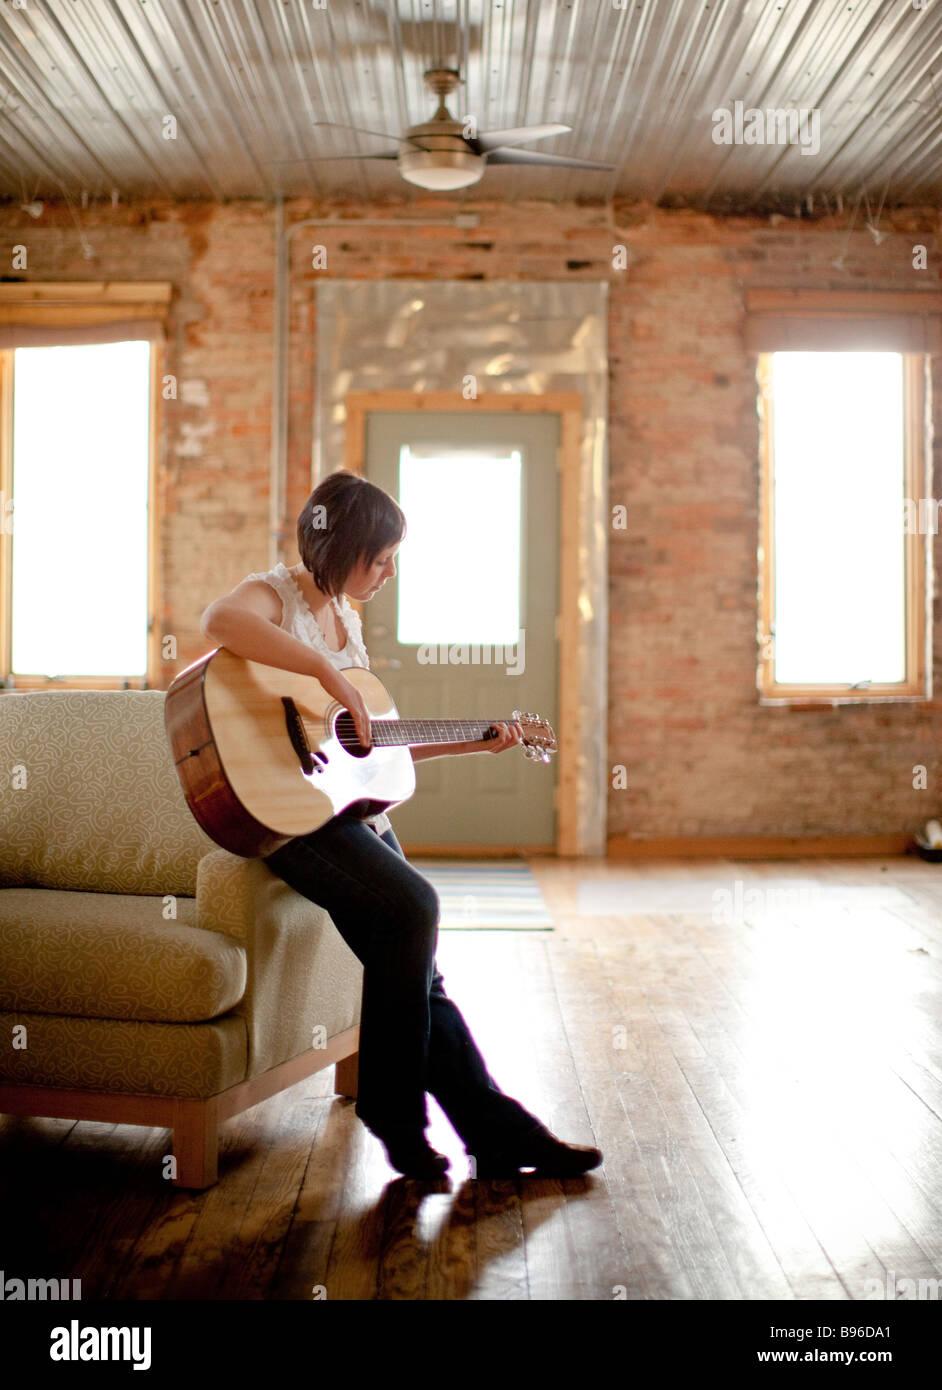 Giovane donna a suonare la chitarra in spazi urbani Immagini Stock